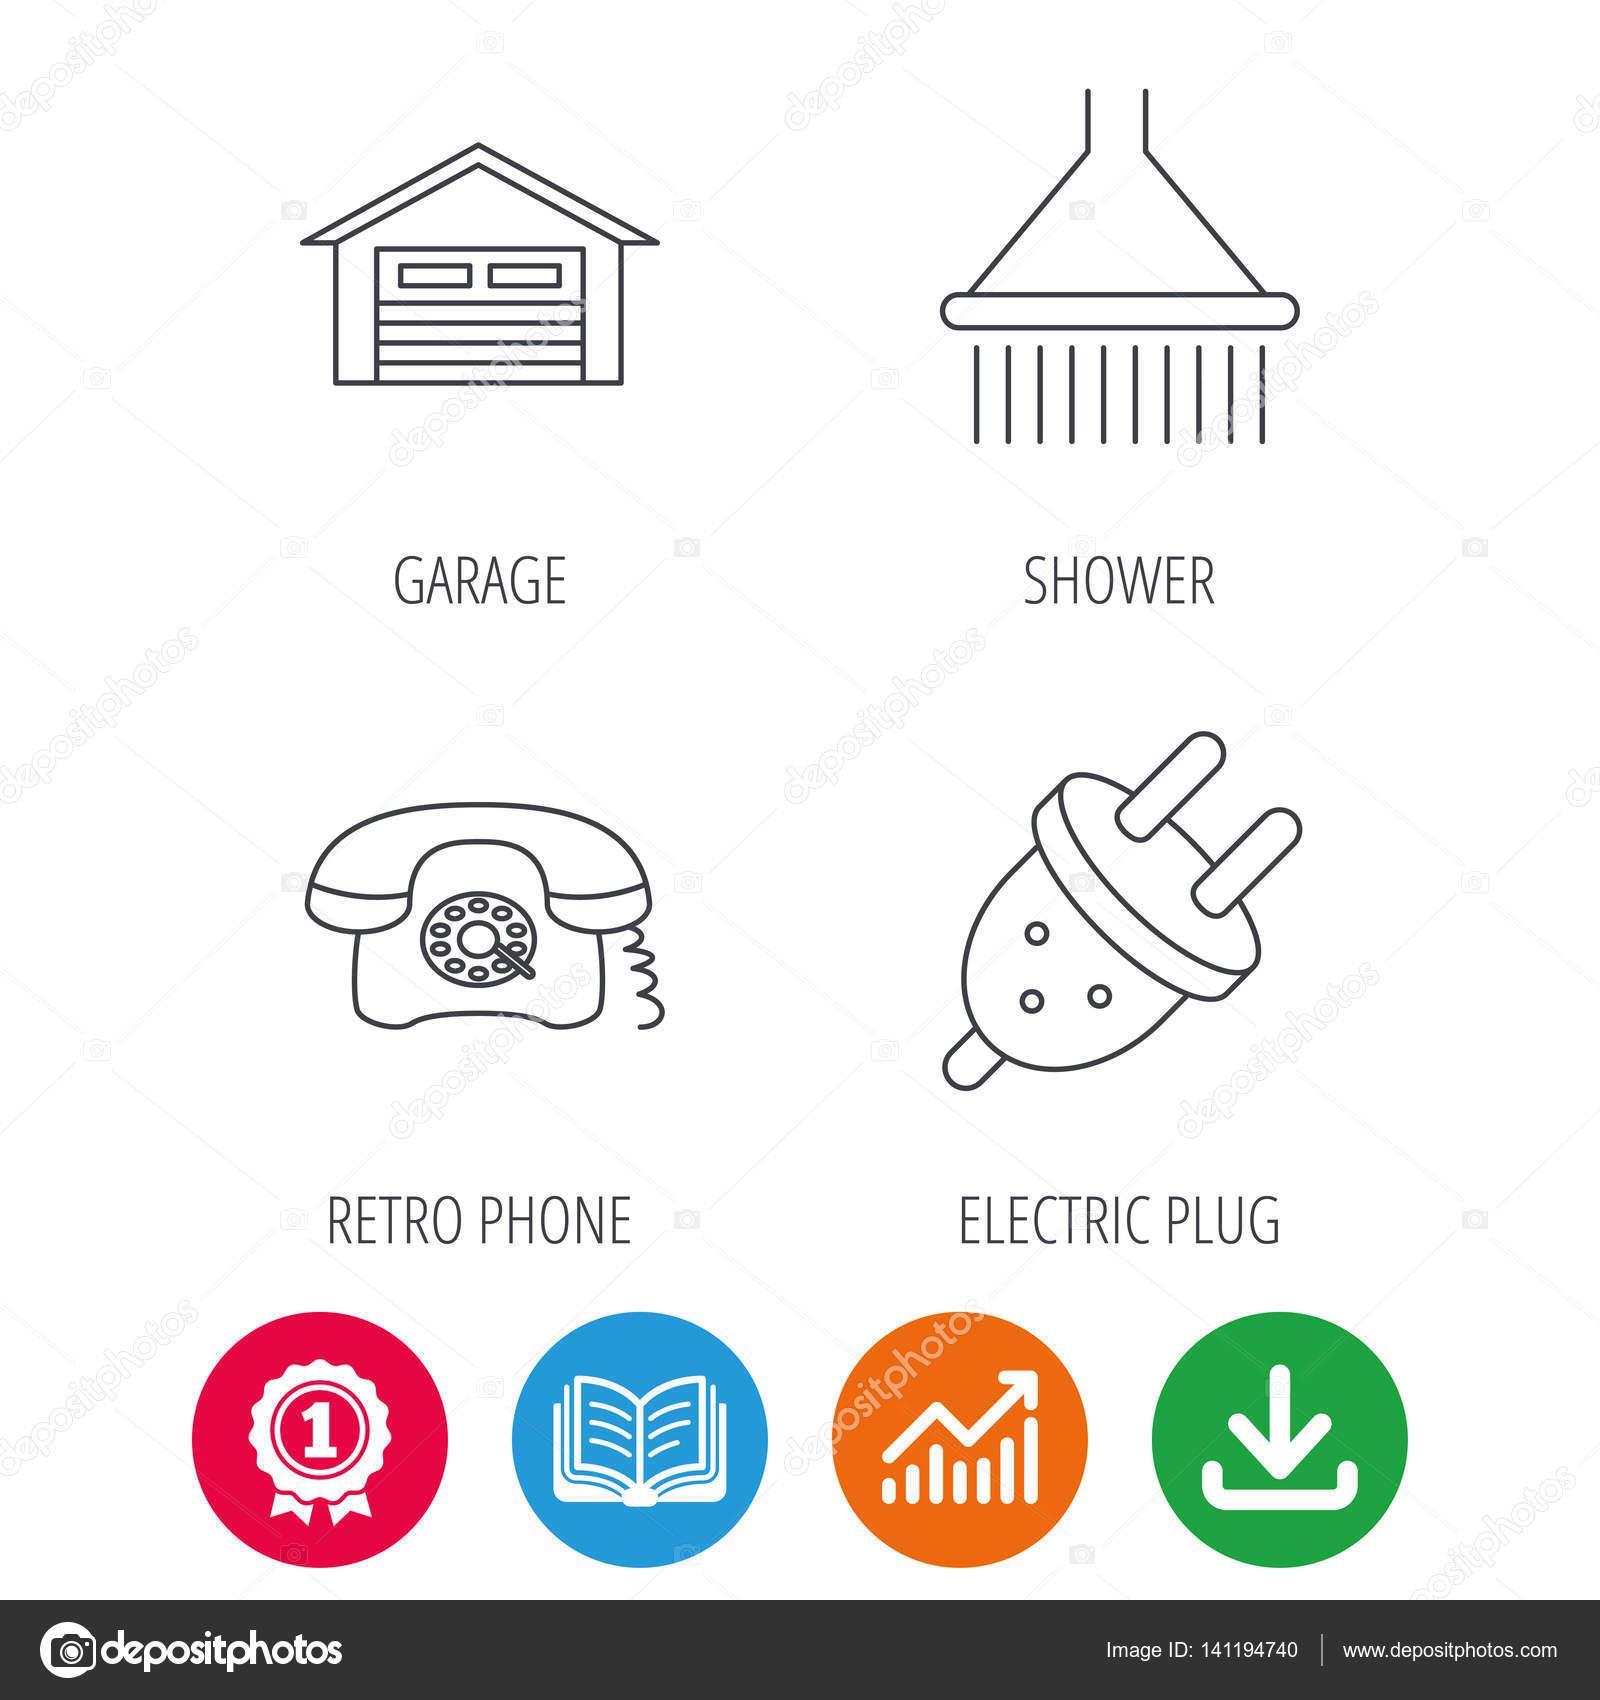 Wunderbar Elektrische Symbole Und Diagramme Galerie - Elektrische ...